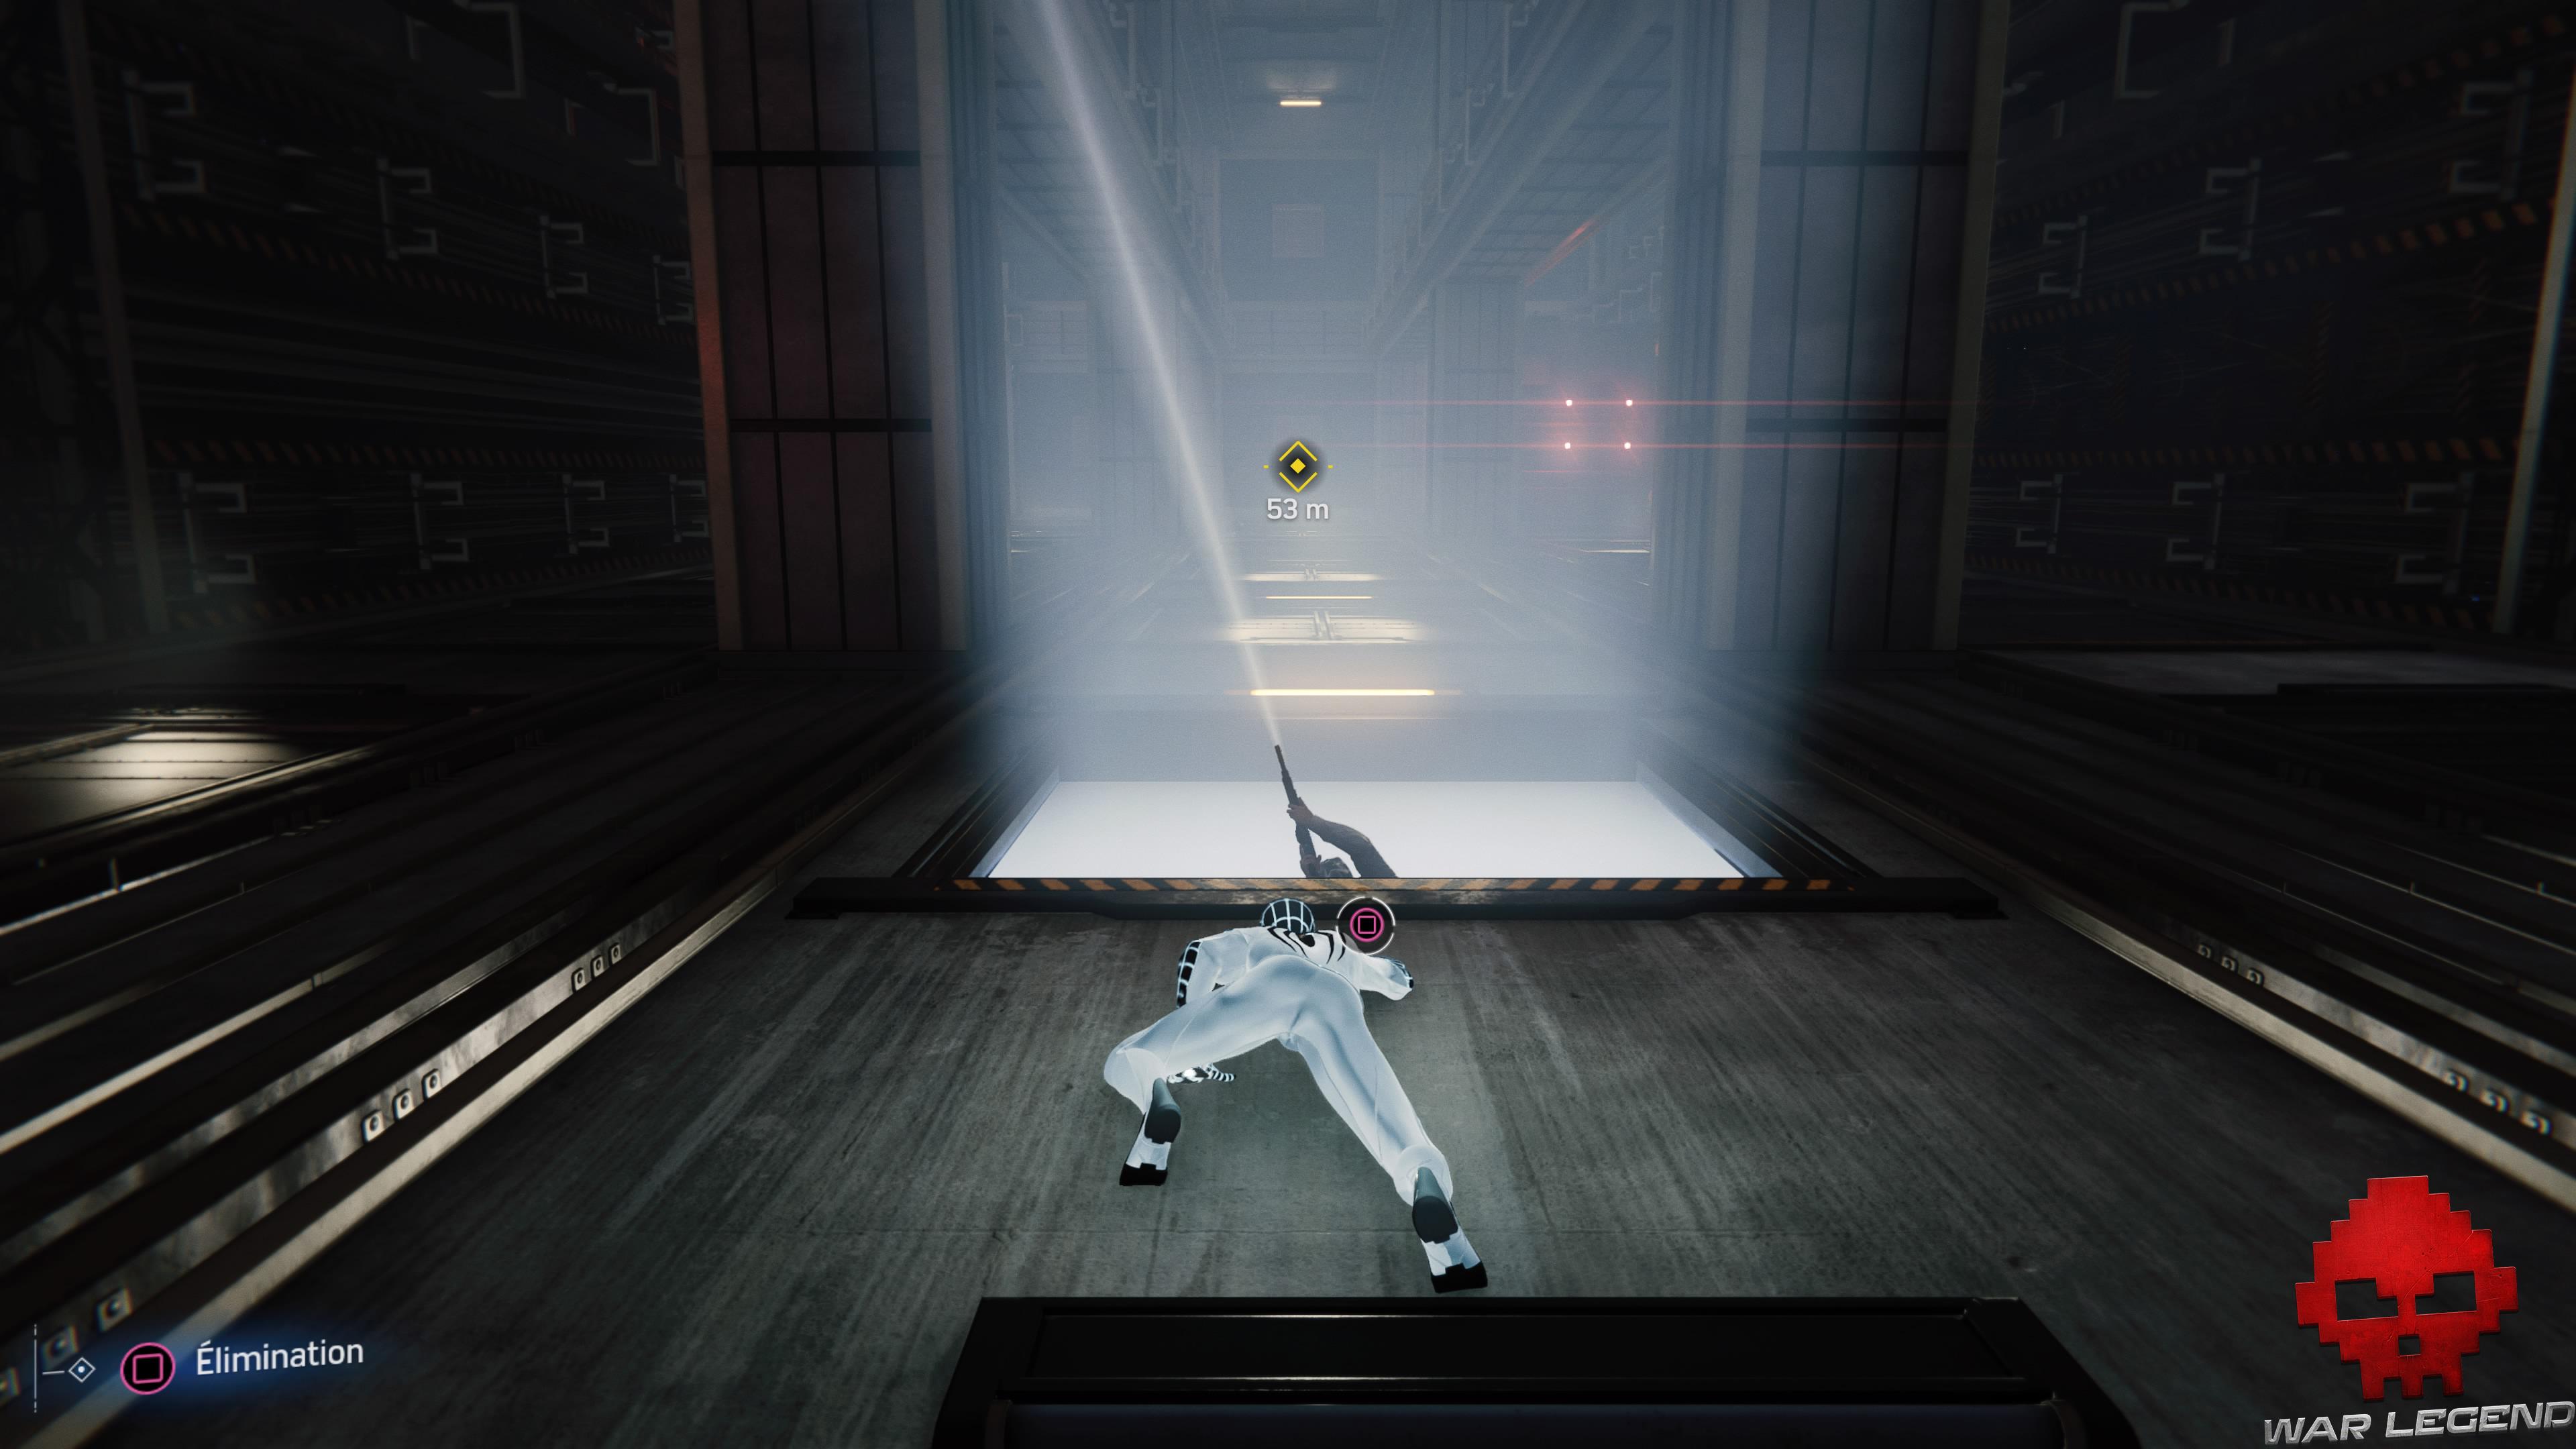 solution spider-man l'araignée et la gouttière ennemis jetant un œil dans cage d'ascenseur